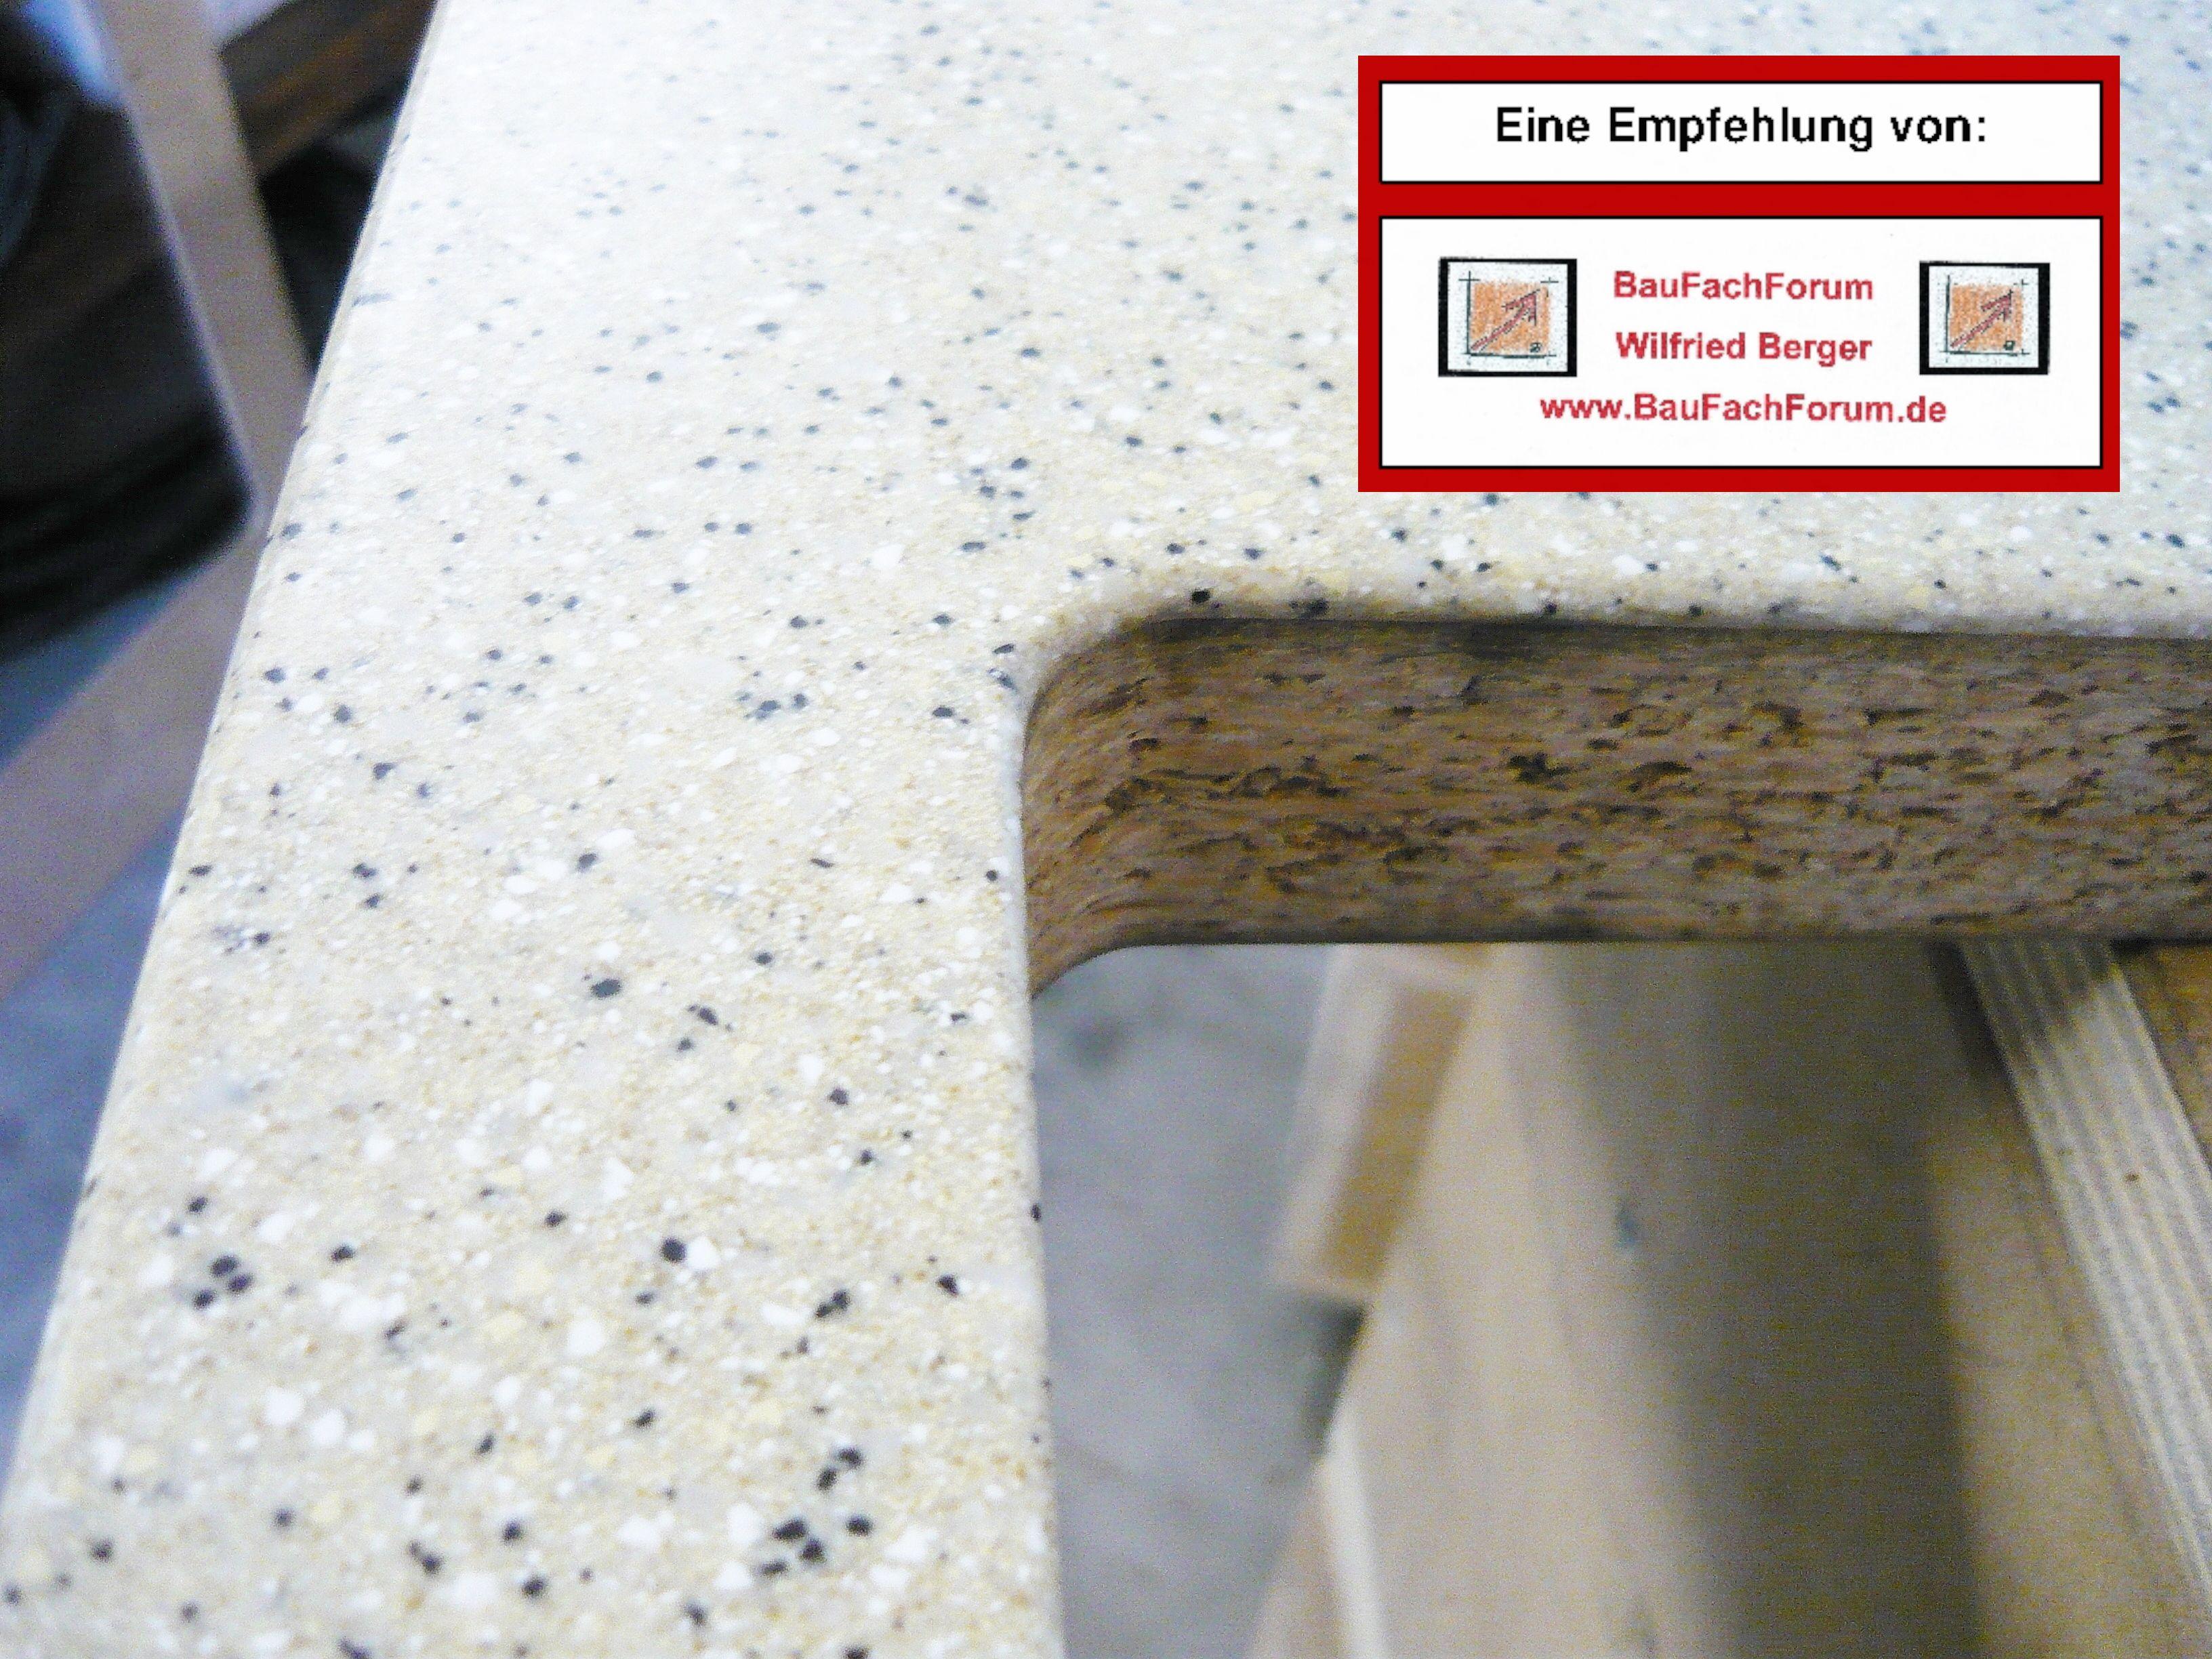 Baufachforum Schaden Sachverstandiger Wilfried Berger Mogliche Schaden Mineralsteinplatten Mineralwerkstoffe Get Fenster Einbauen Fenstereinbau Aufklarung